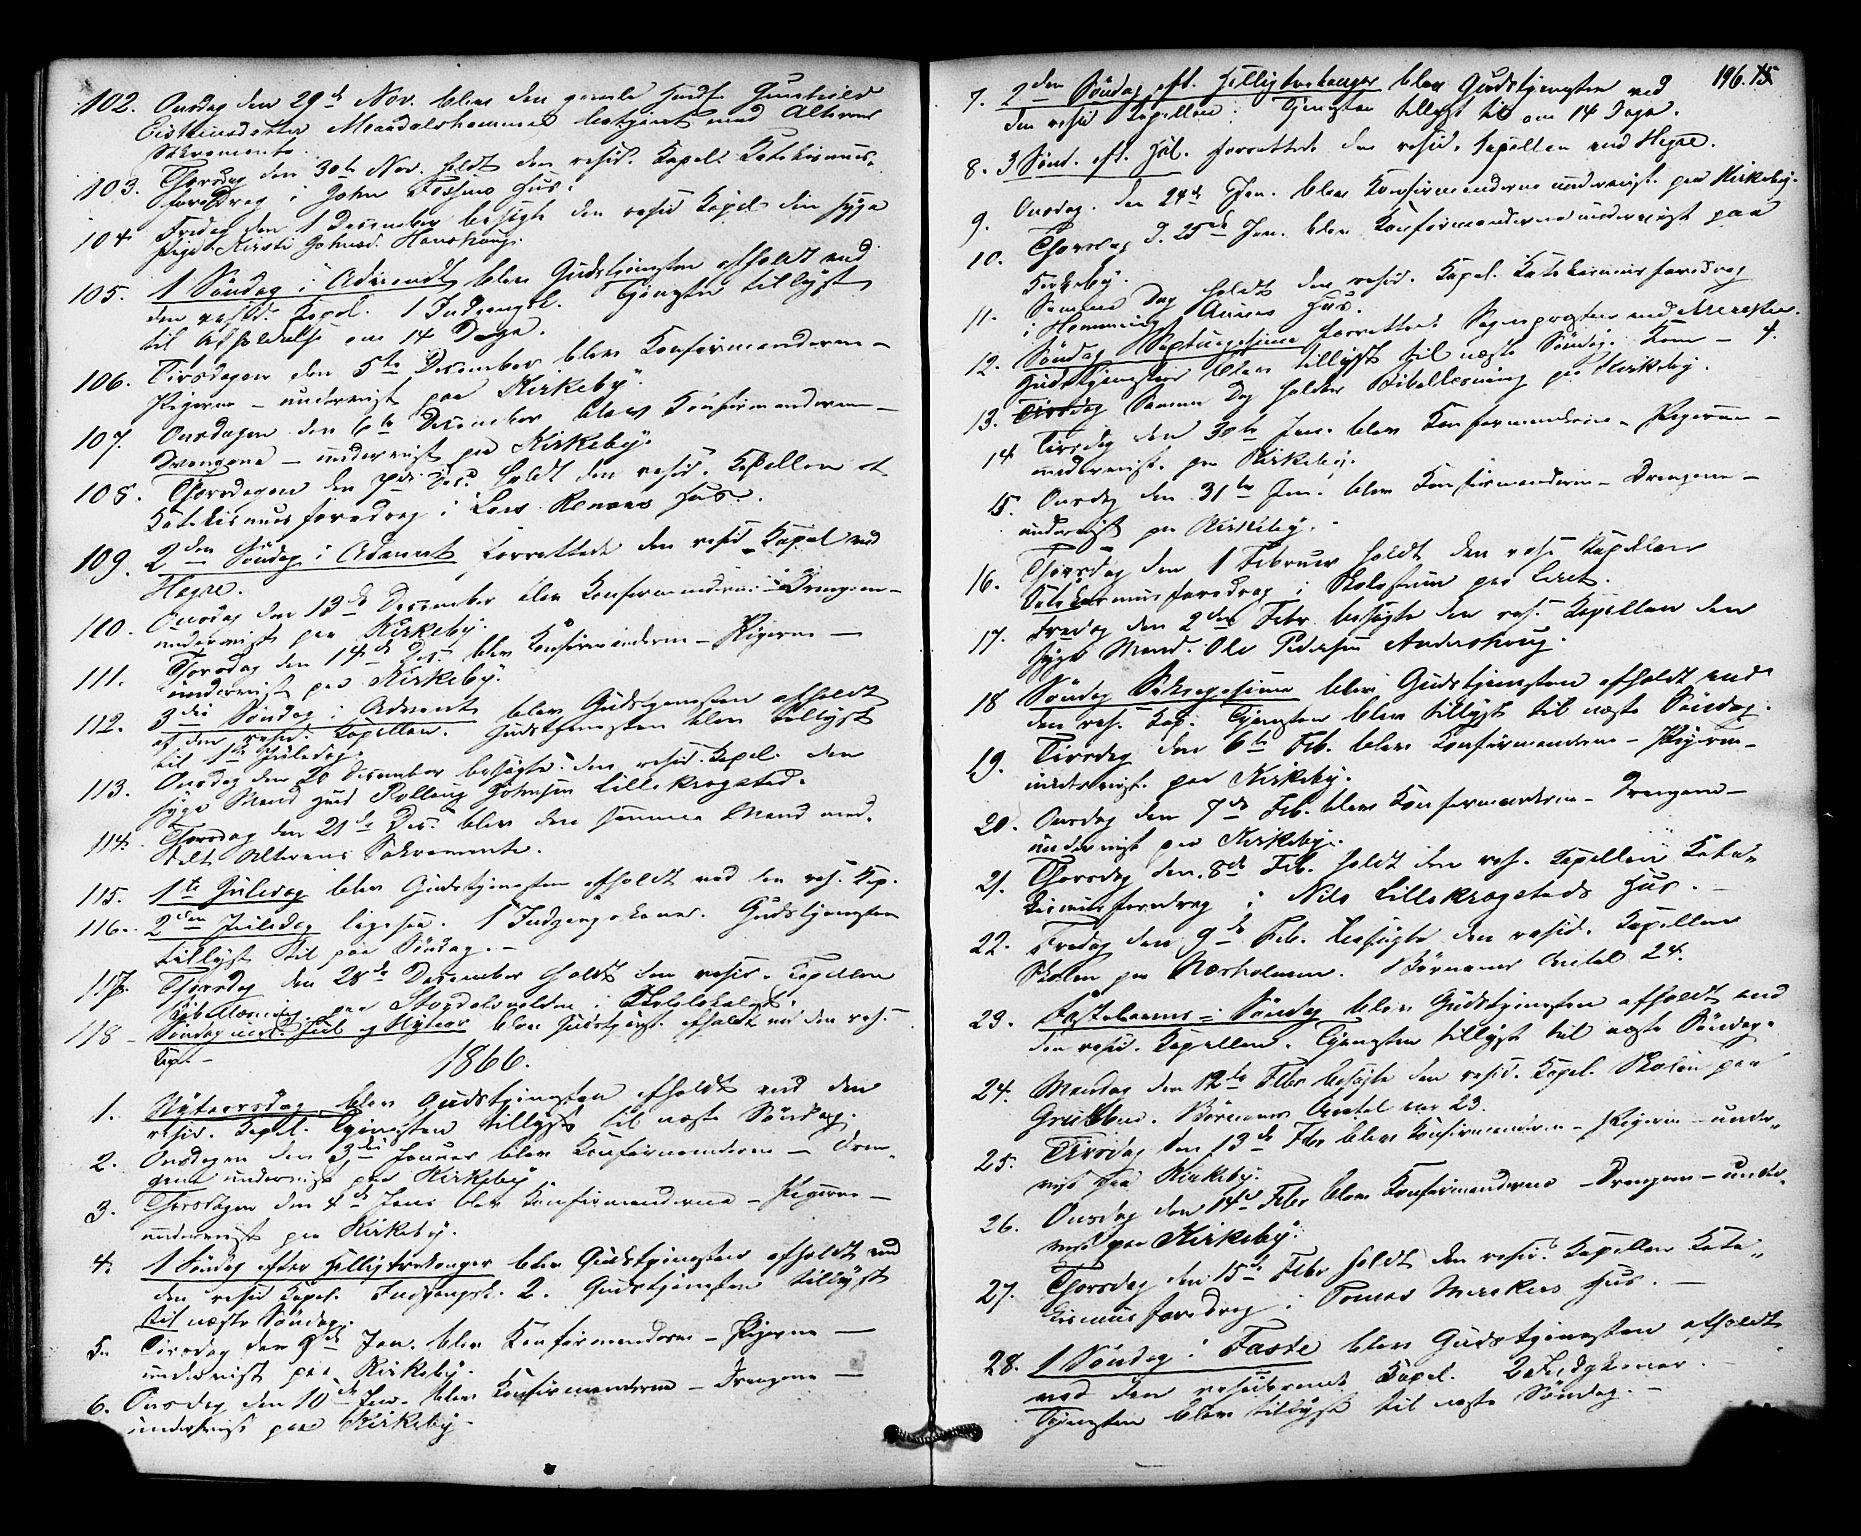 SAT, Ministerialprotokoller, klokkerbøker og fødselsregistre - Nord-Trøndelag, 706/L0041: Ministerialbok nr. 706A02, 1862-1877, s. 196